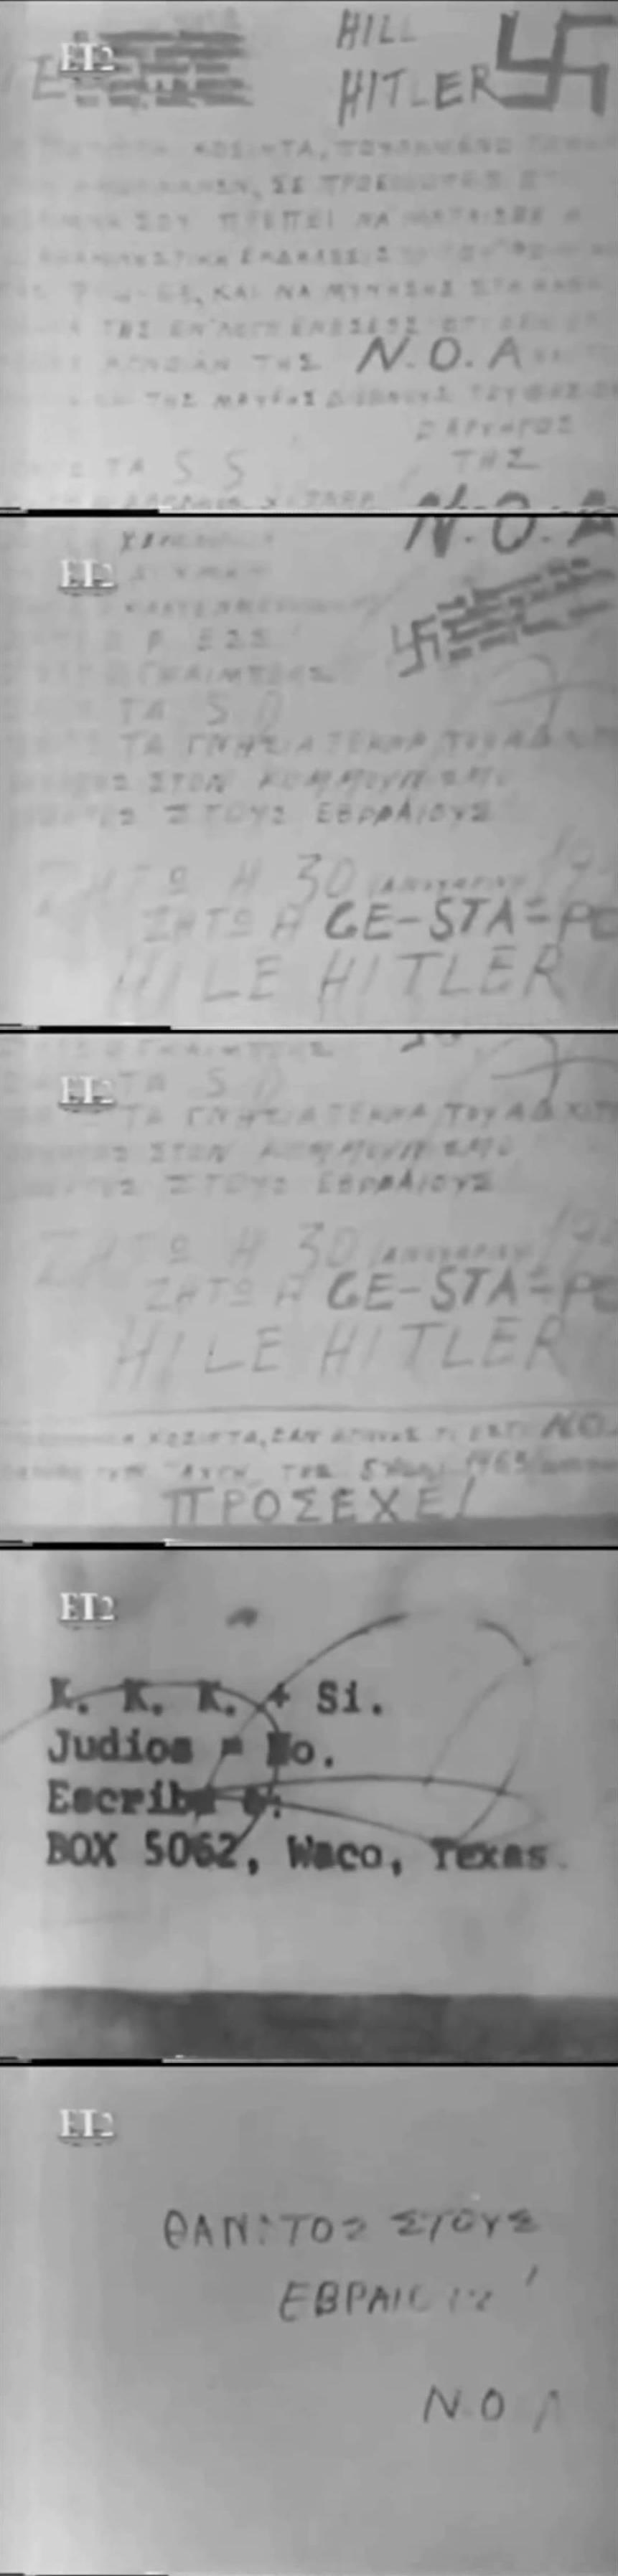 """Απειλητική επιστολή εναντίον του απόστρατου (ΕΔΕΣίτη) στρατηγού Νικόλαου Κοσίντα, με υπογραφή ΝΟΑ, """"Ναζιστική Οργάνωσις Αθηνών, παράρτημα της Κου Κλουξ Κλαν"""". Από την ταινία """"100 ώρες του Μάη"""" των Δήμου Θέου και Φώτου Λαμπρινού, 1963-1964. Ο Κοσίντας απειλήθηκε από την ΝΟΑ-ΚΚΚ να μην μιλήσει στην εκδήλωση την ημέρα της επετείου της εισβολής των ναζί στην Αθήνα, της """"Πανελληνίου Ενώσεως Θυμάτων Γερμανικής Κατοχής Ο Φοίνιξ"""", μιας οργάνωσης που αγωνιζόταν για την αναγνώριση της (πραγματικής) Εθνικής Αντίστασης."""